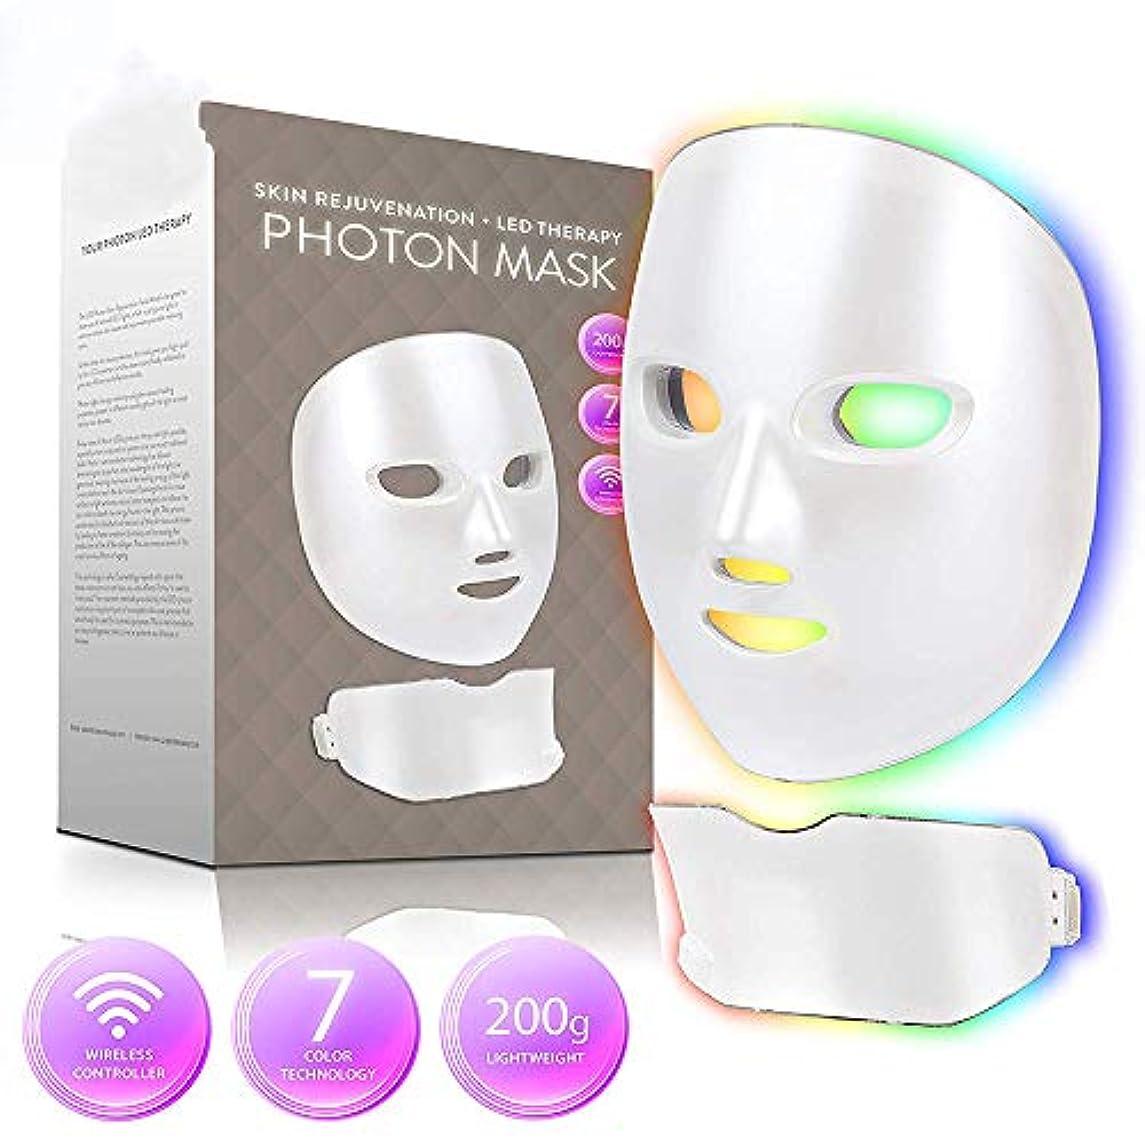 厳しい批判的距離7色の顔、最良の効果ネックフォトンライト肌の若返りセラピーフェイシャル?スキンケアワイヤレスマスクをマスクLED、スキントーニングしわのためのLEDライトが削除します